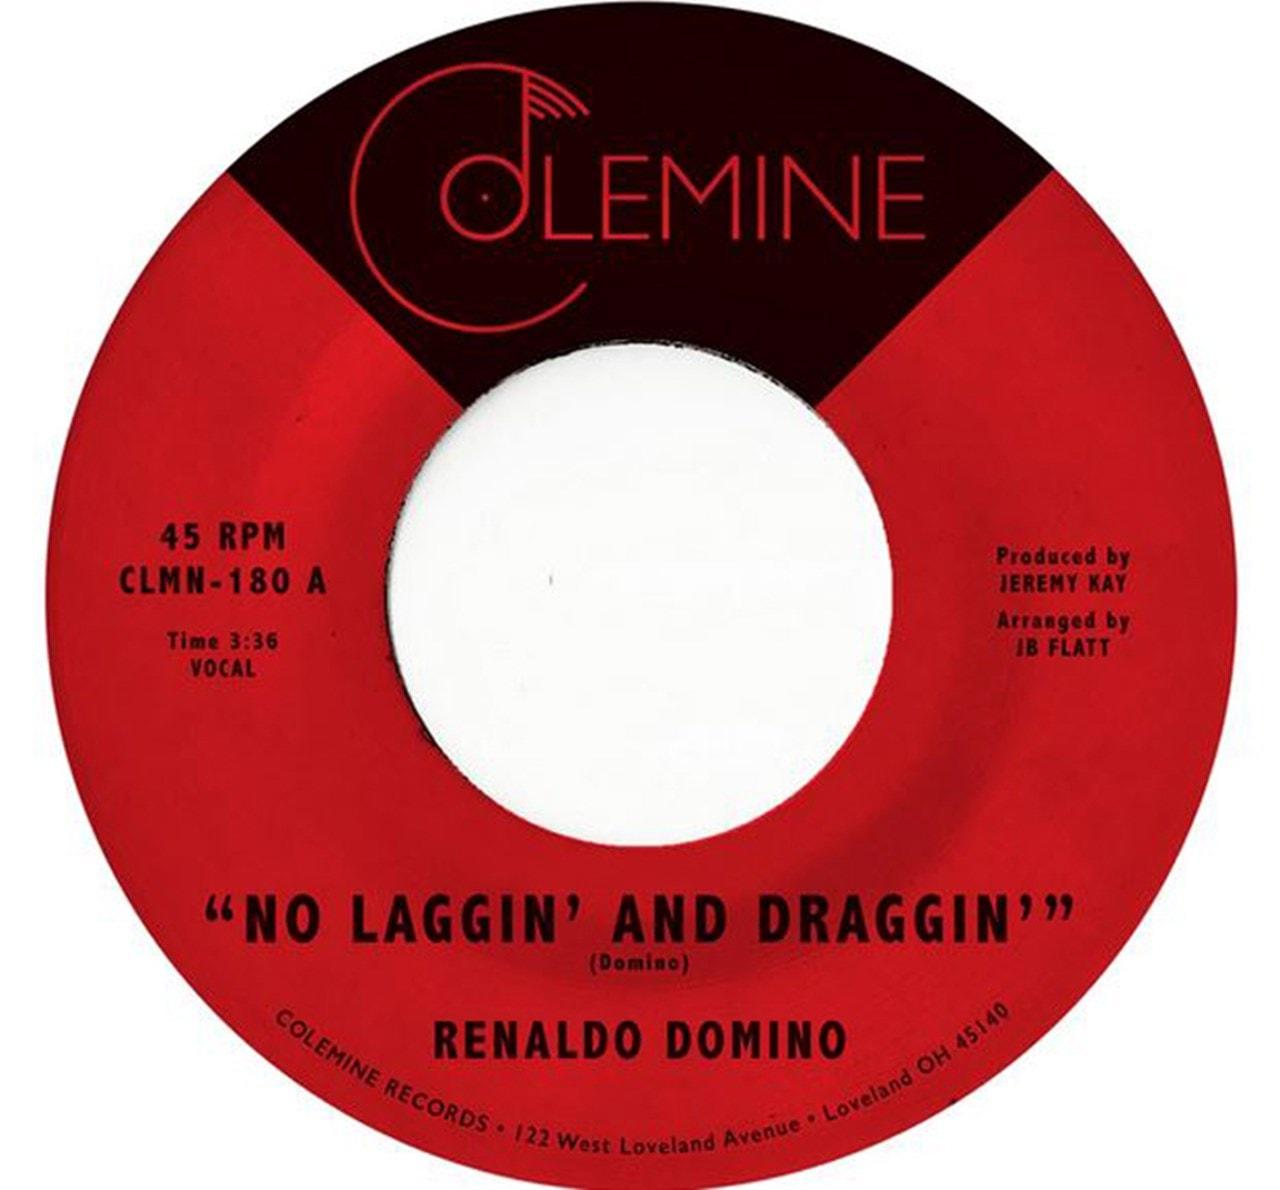 No Laggin' and Draggin' - 1